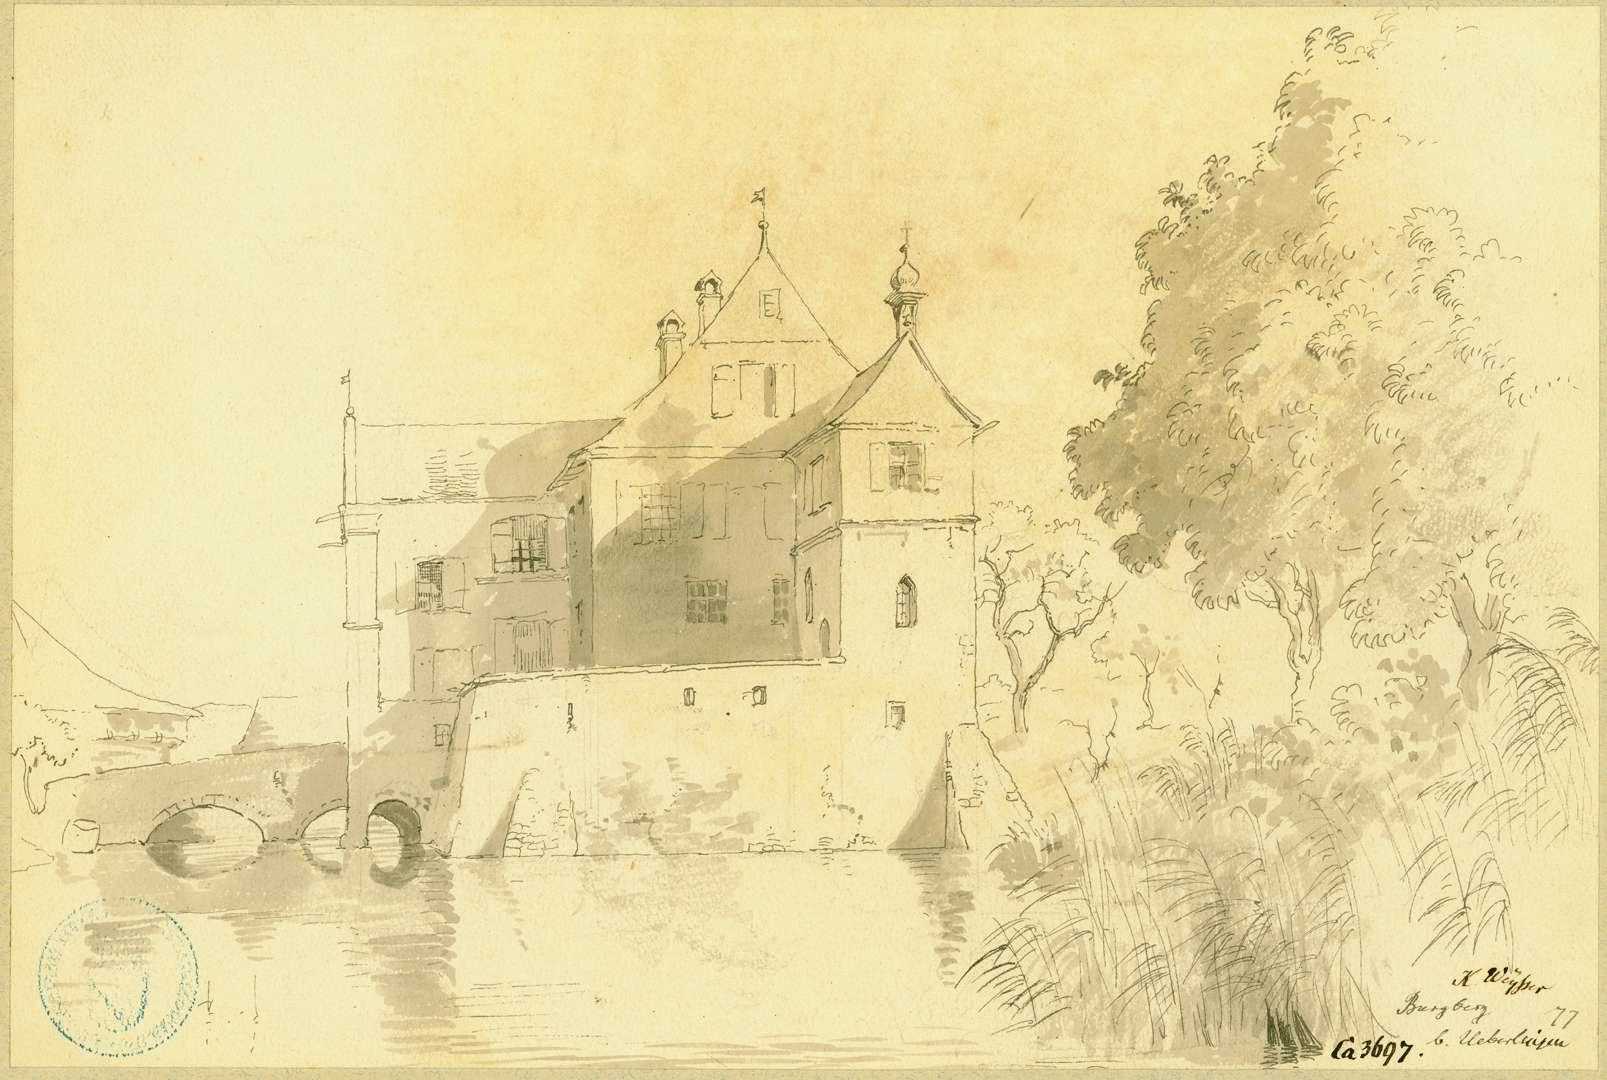 Burgberg Wasserschloss, Burgberg von Osten, Bild 1